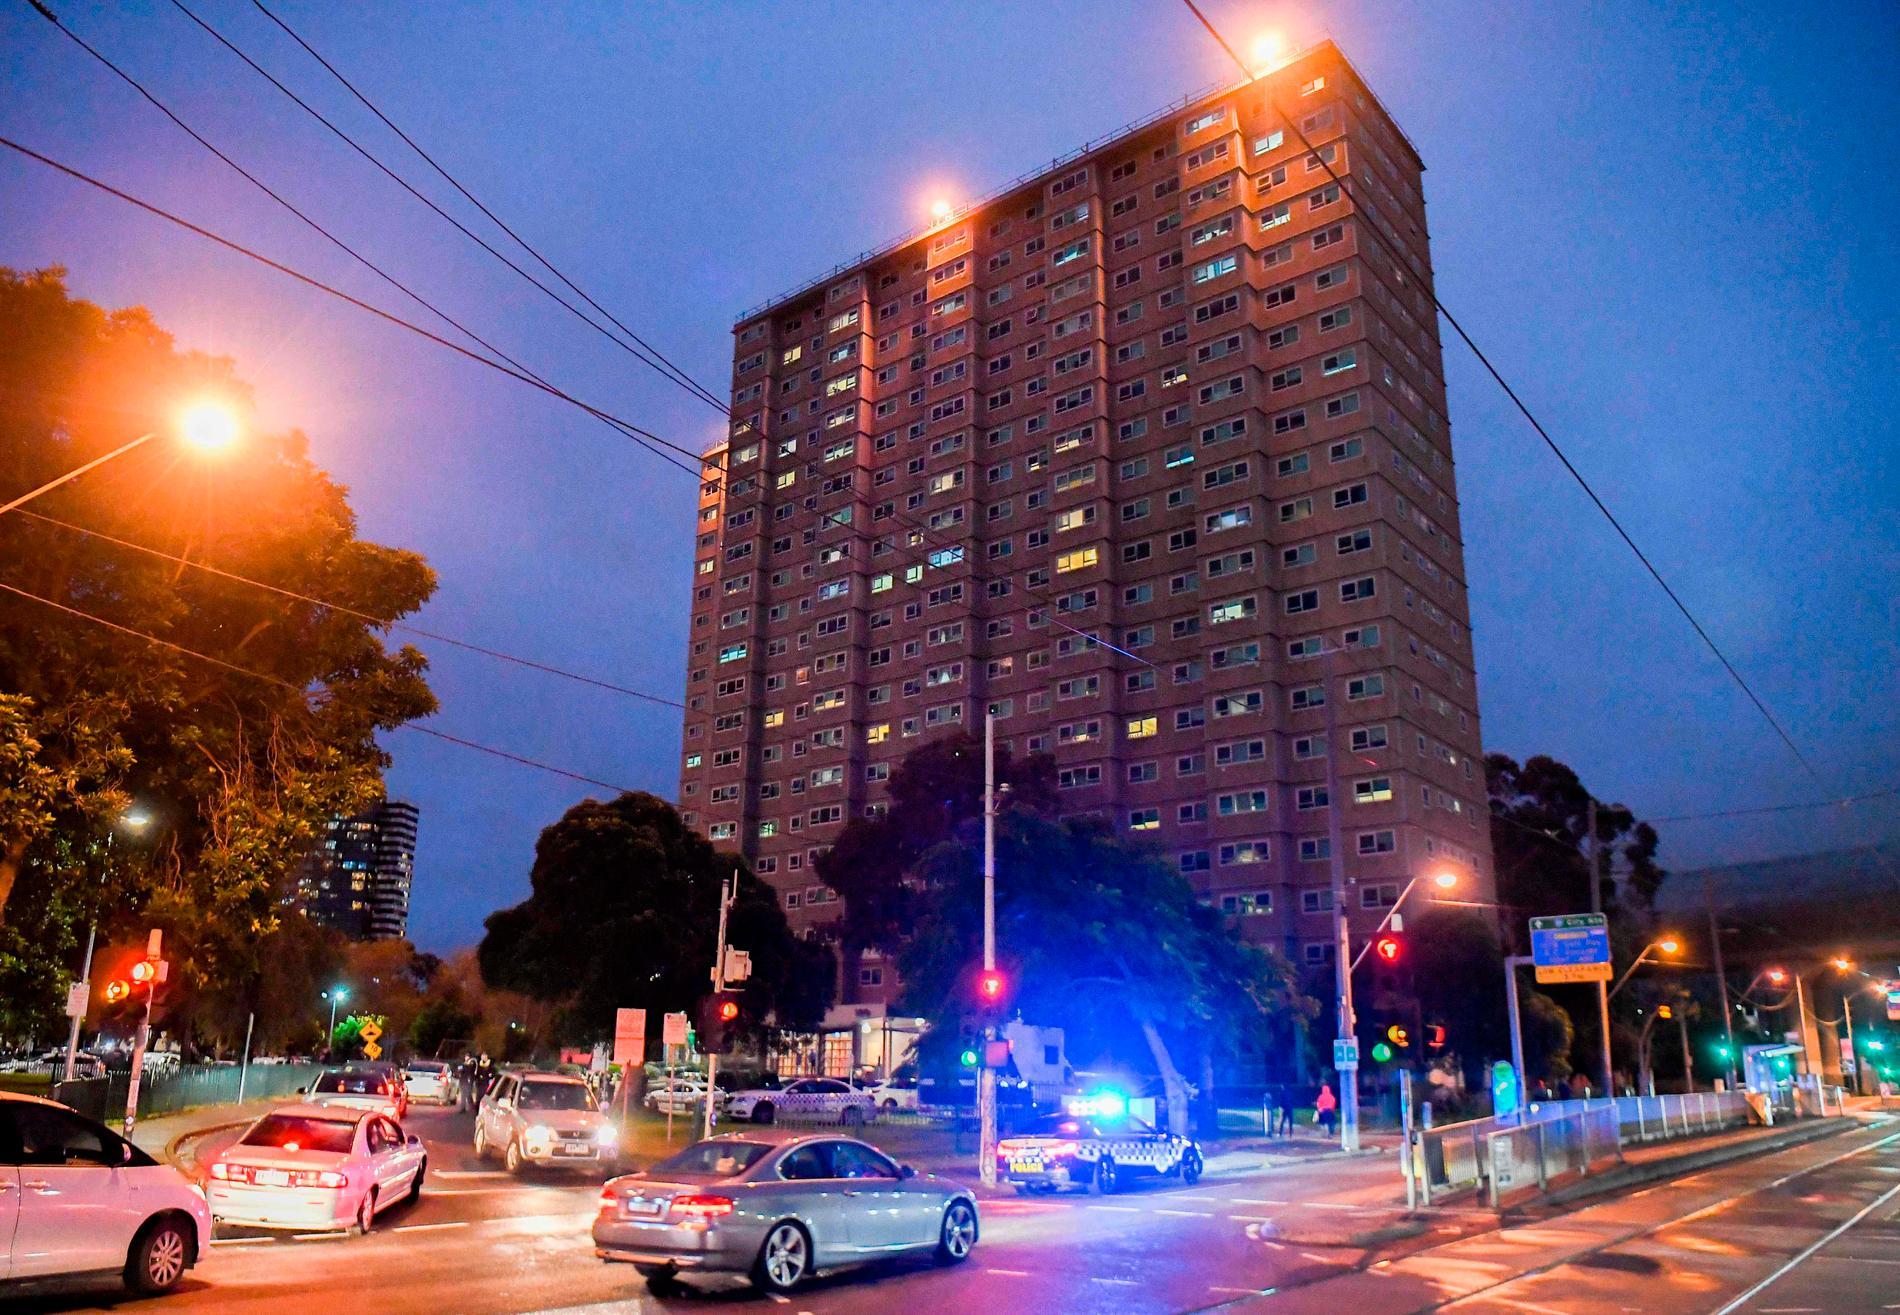 Ett av de bostadshus i centrala Melbourne i Australien som har satts i karantän.